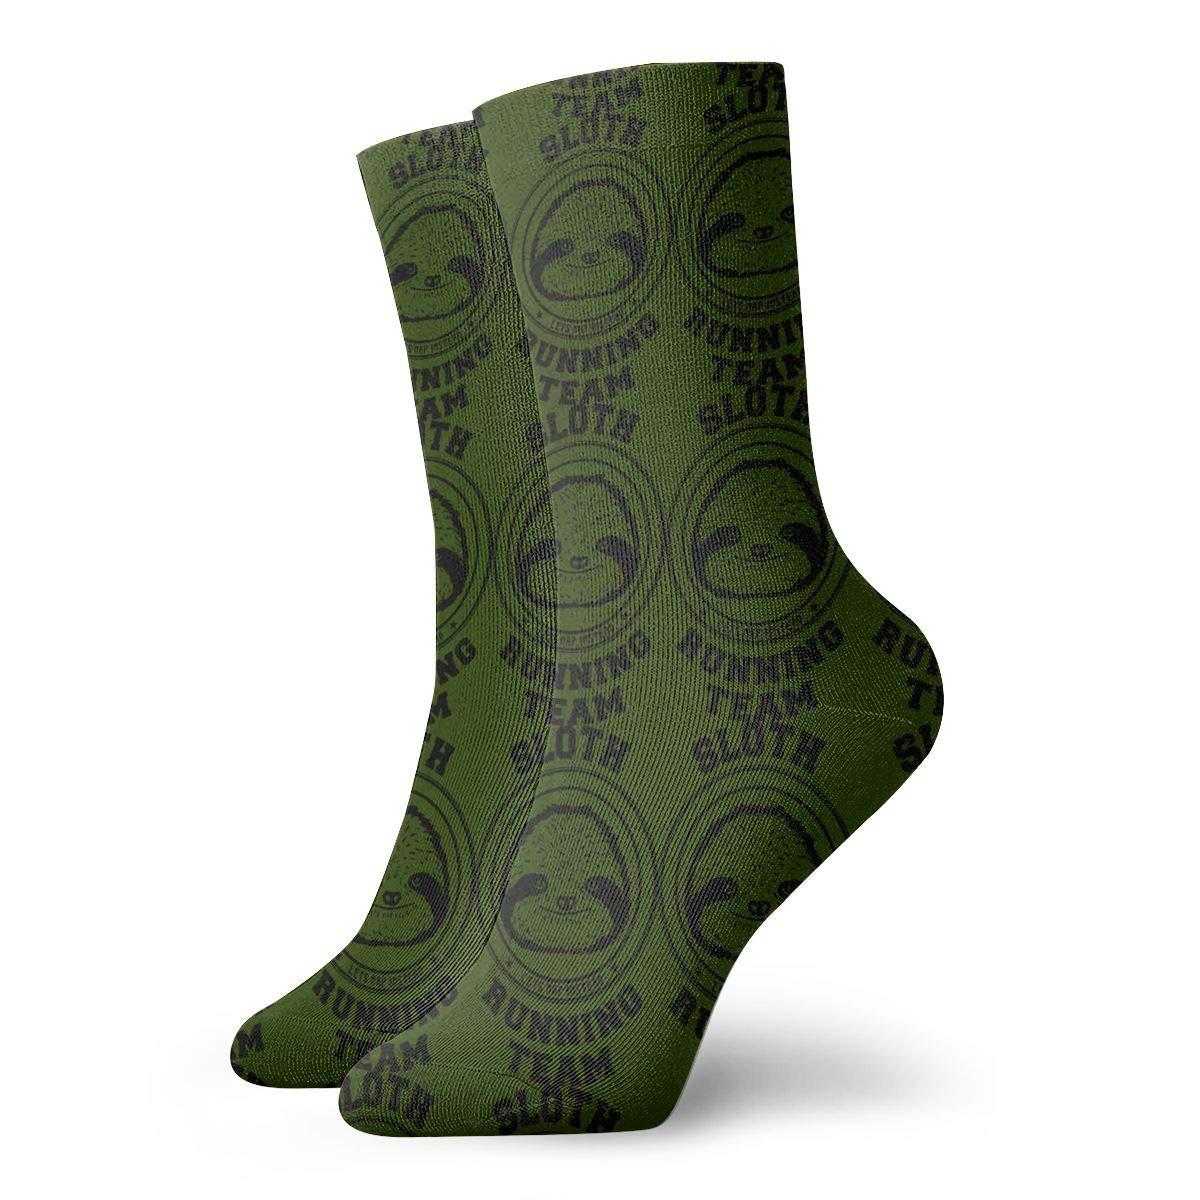 Sloth Running Team 3D Socks Unisex Novelty Crew Sock Low Socks Athletic Socks